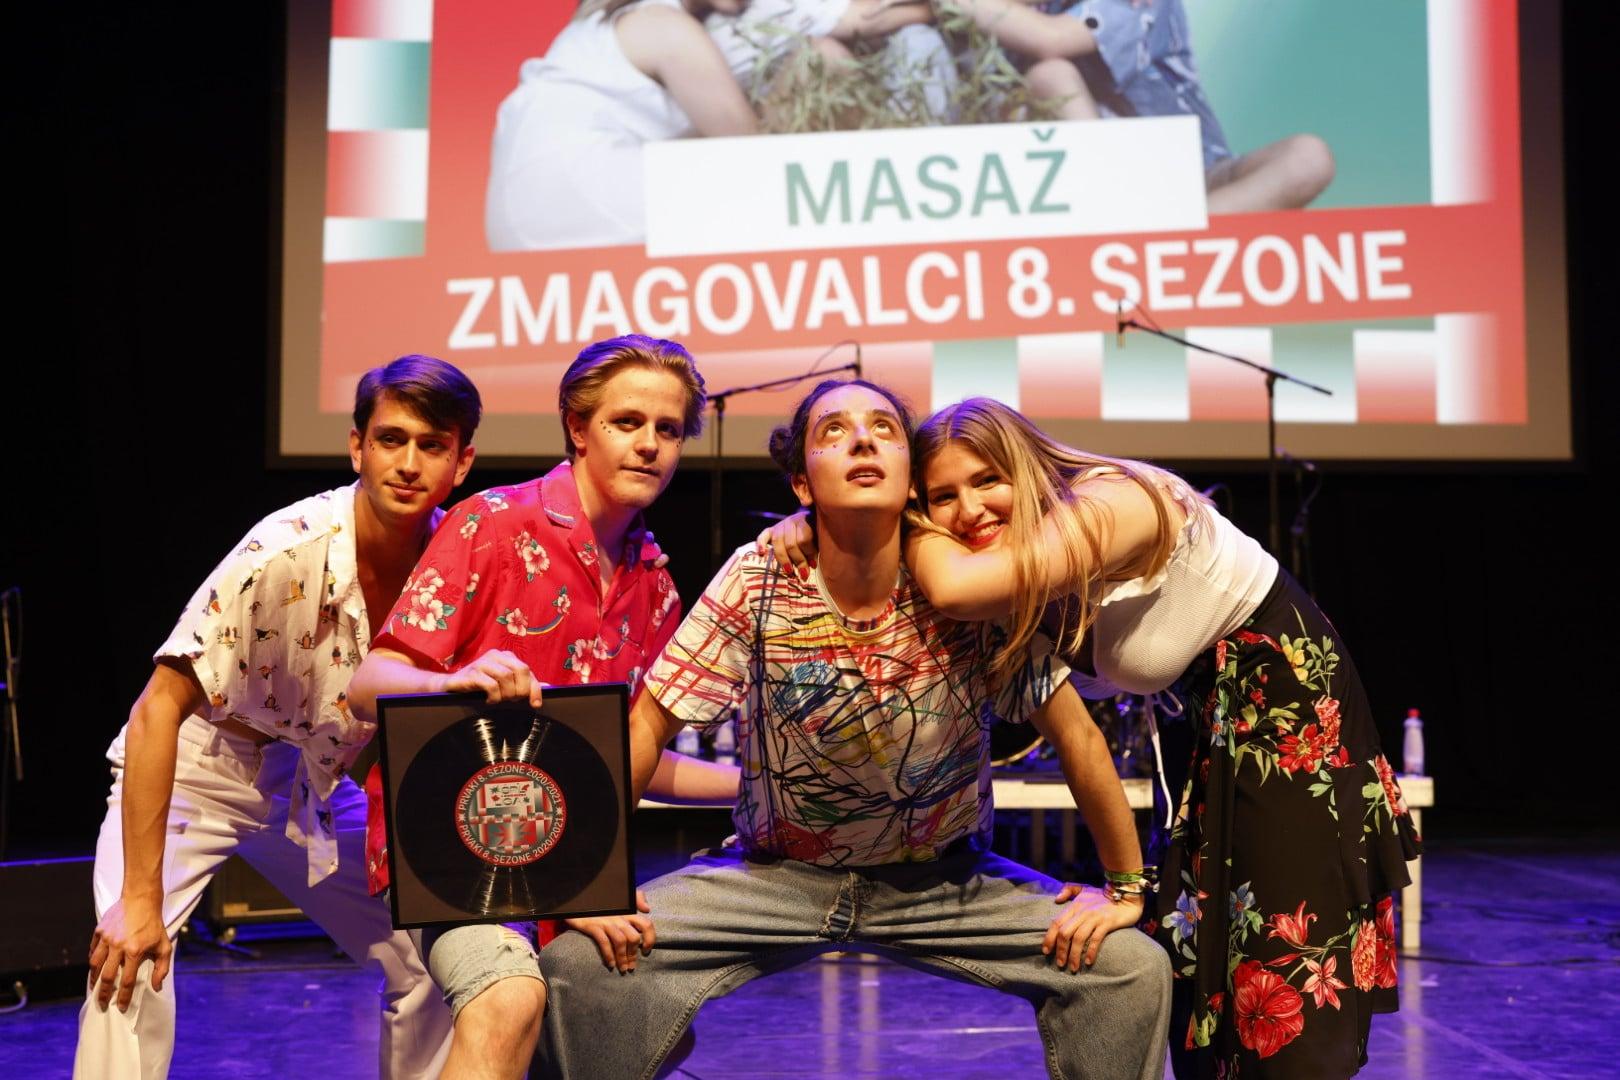 Letošnji zmagovalci Špil Lige so Masaž!